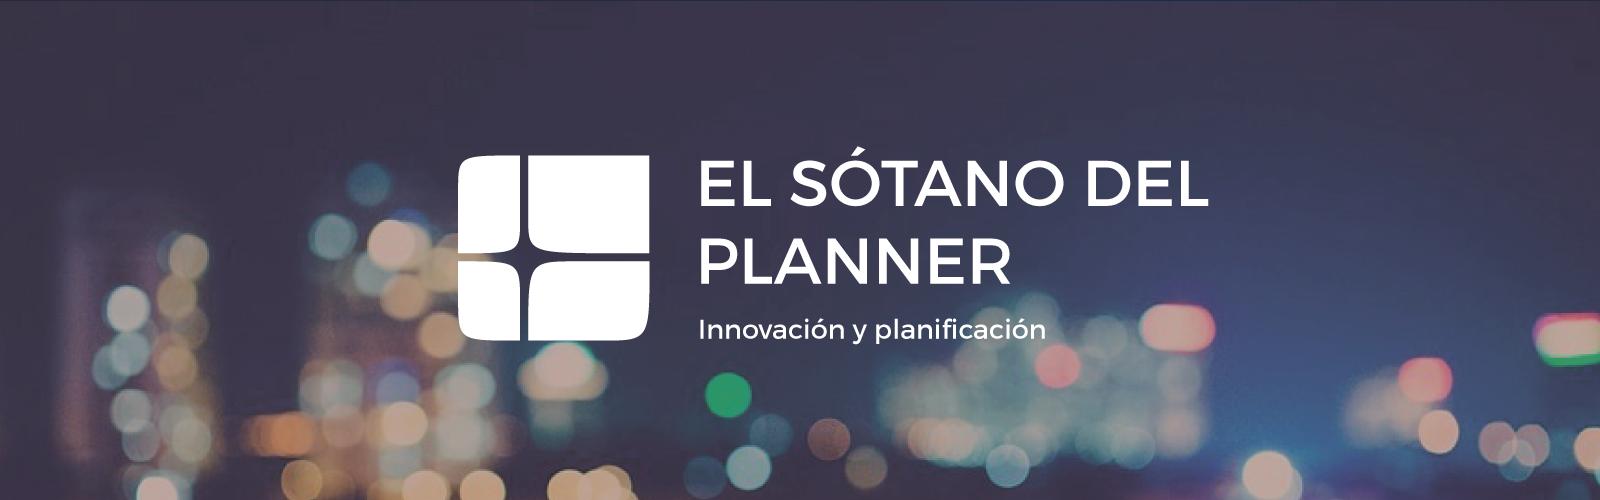 El Sótano del Planner